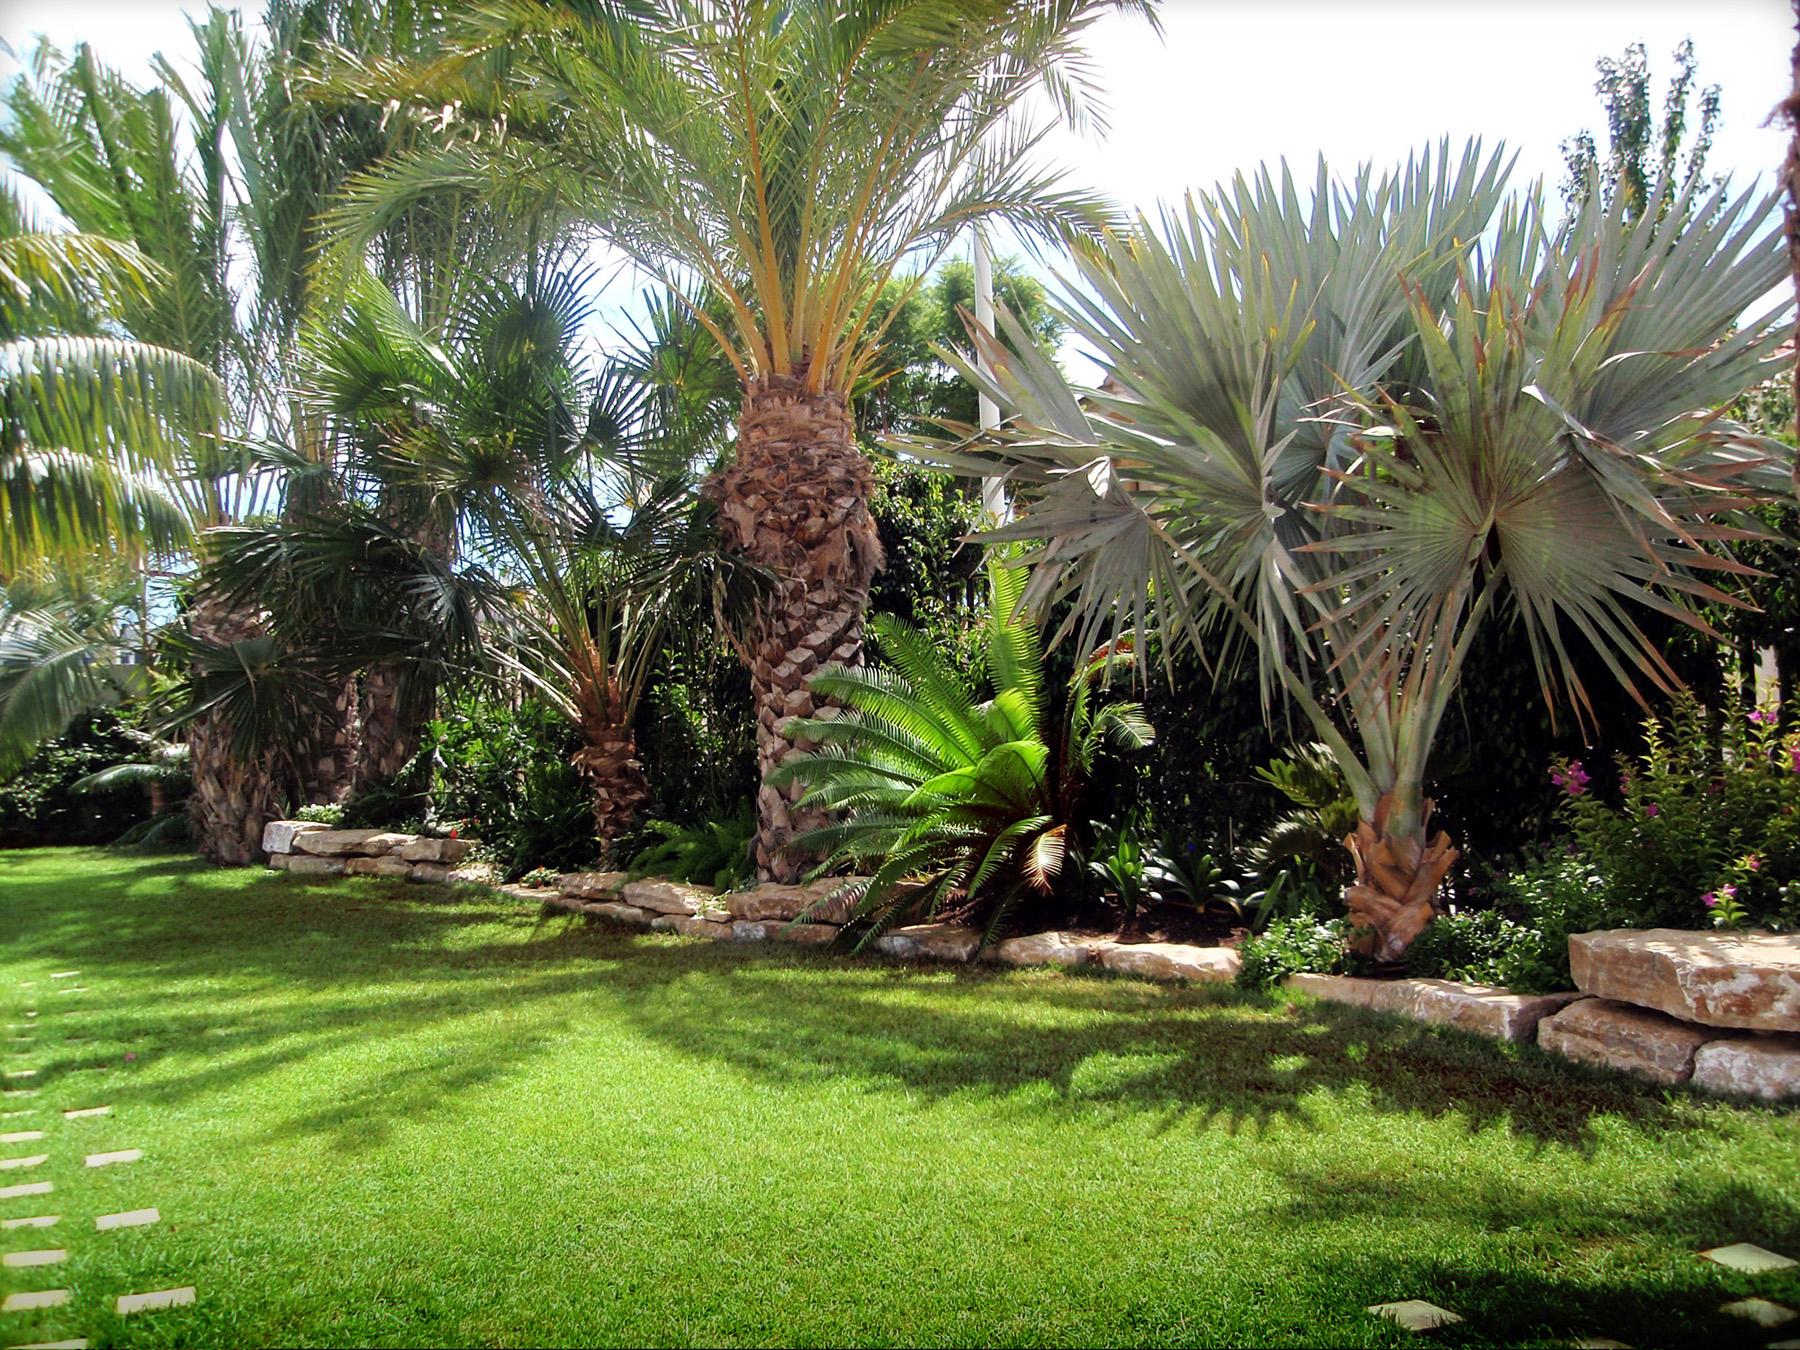 El jard n de to i y juan en elche jard n mediterr neo for Diseno jardin mediterraneo